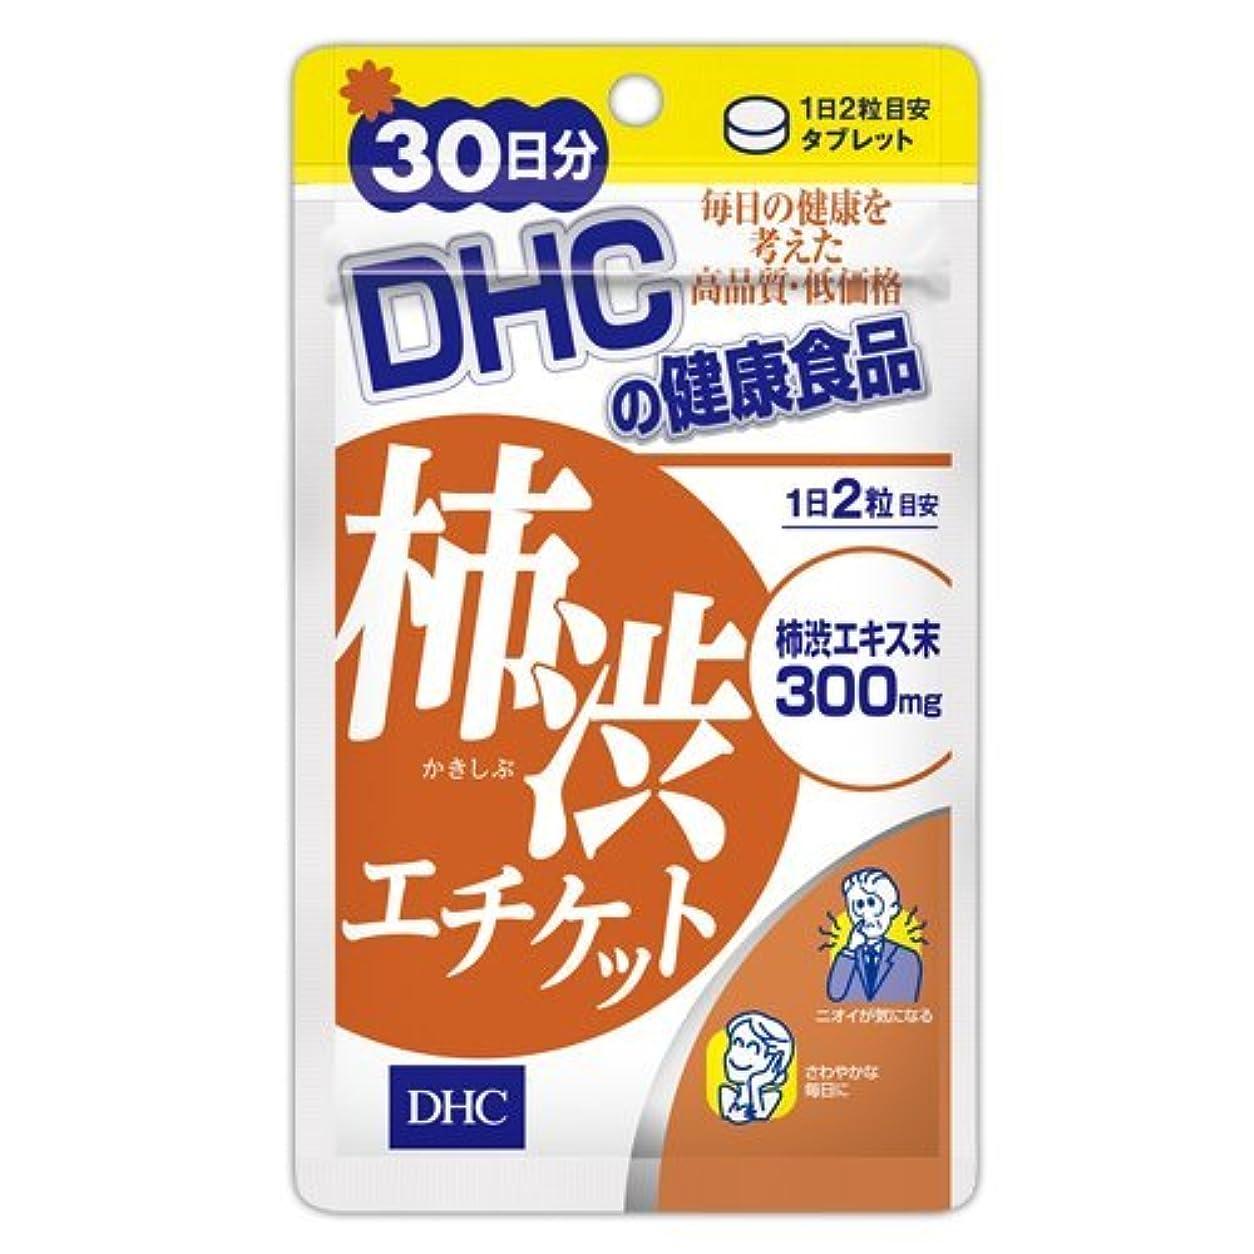 有料望む倉庫DHC 柿渋エチケット 30日分 60粒入